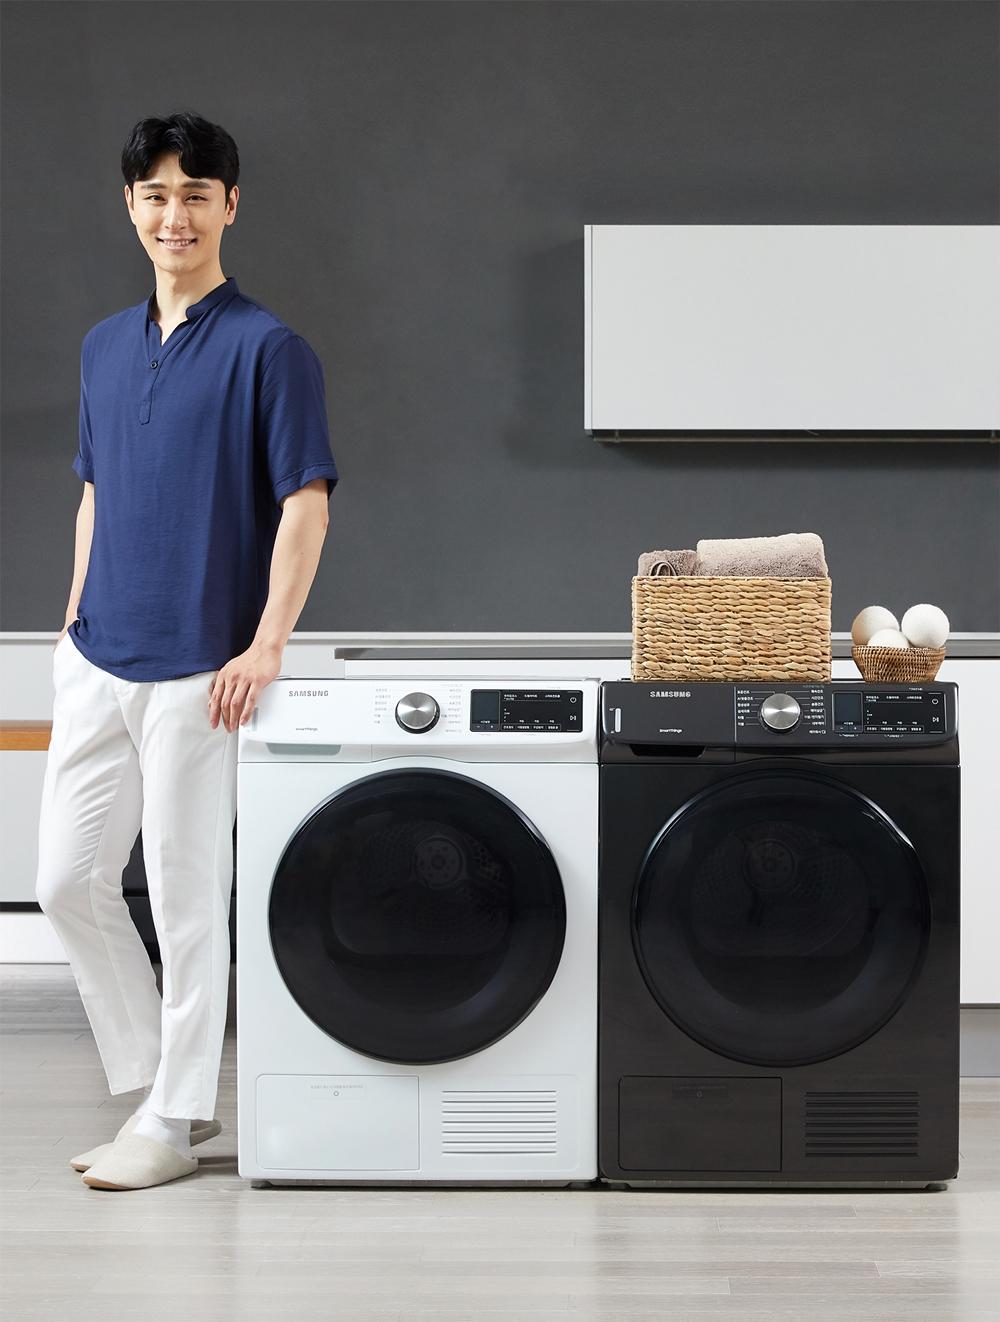 삼성전자 모델이 수원 삼성전자 디지털시티 프리미엄하우스에서 에너지 소비효율 1등급인 9kg 건조기 신제품을 소개하고 있다.